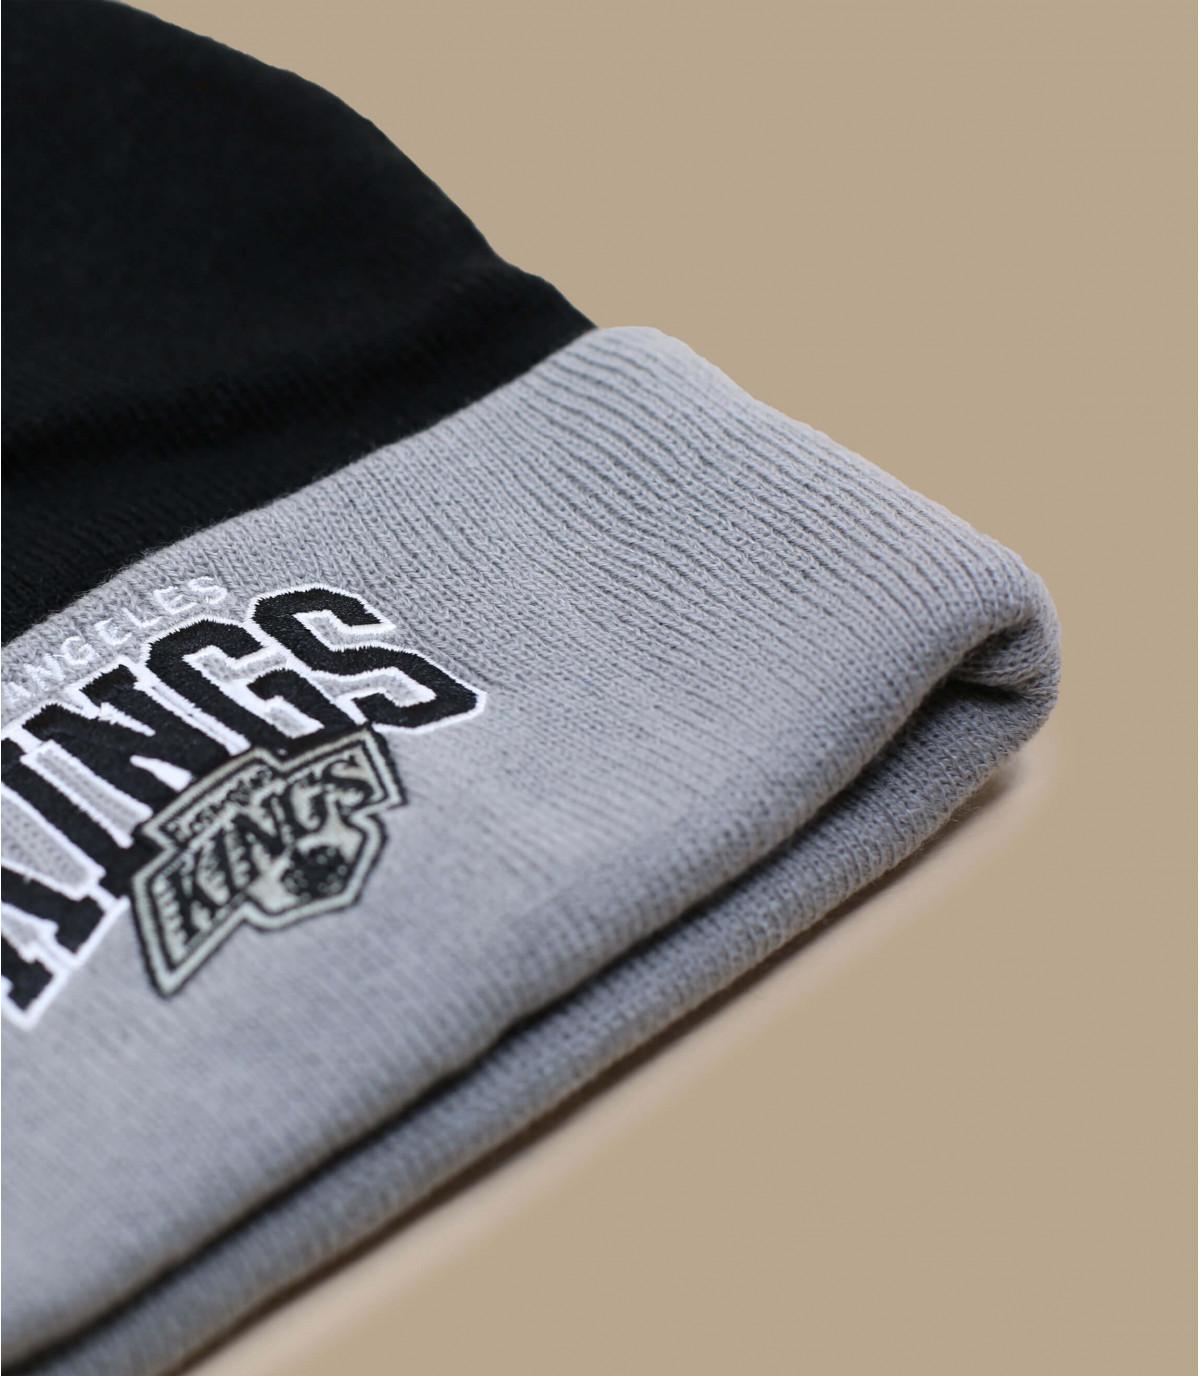 Mütze Kings tarck